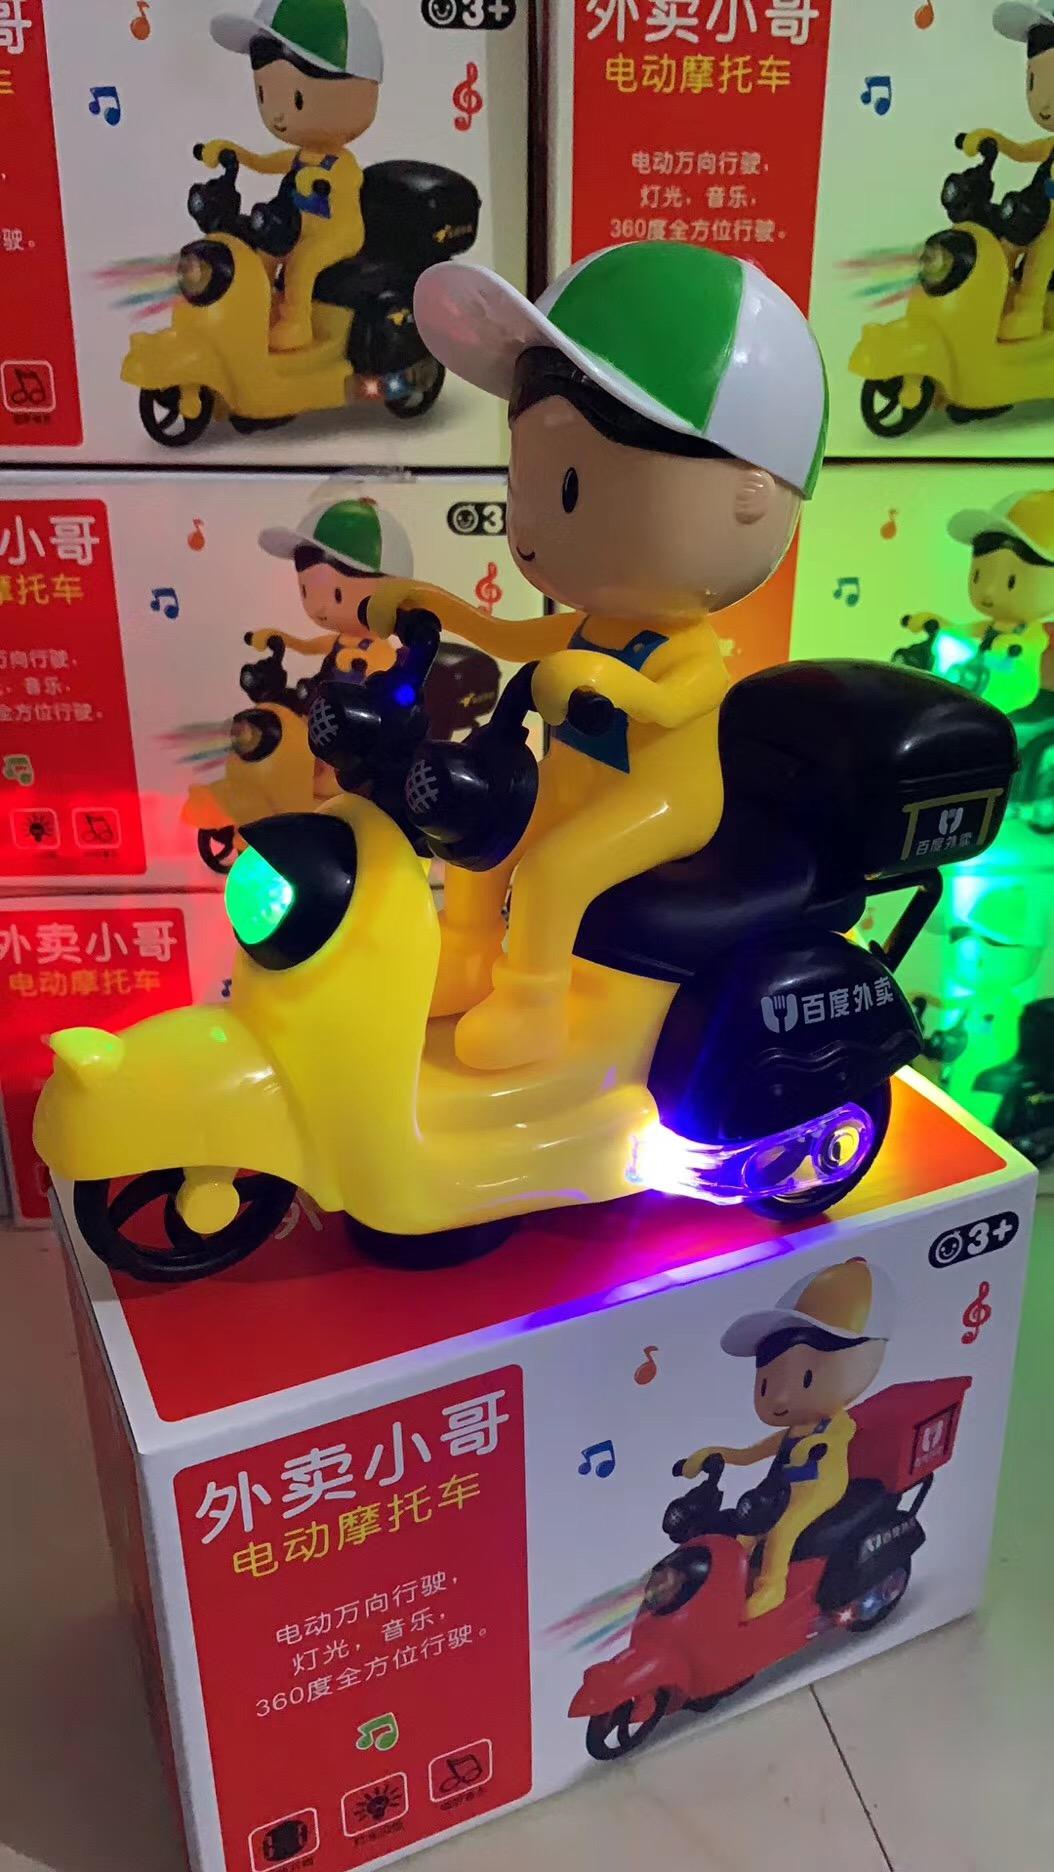 百度外卖小哥发光玩具车货源批发 夜市发光玩具